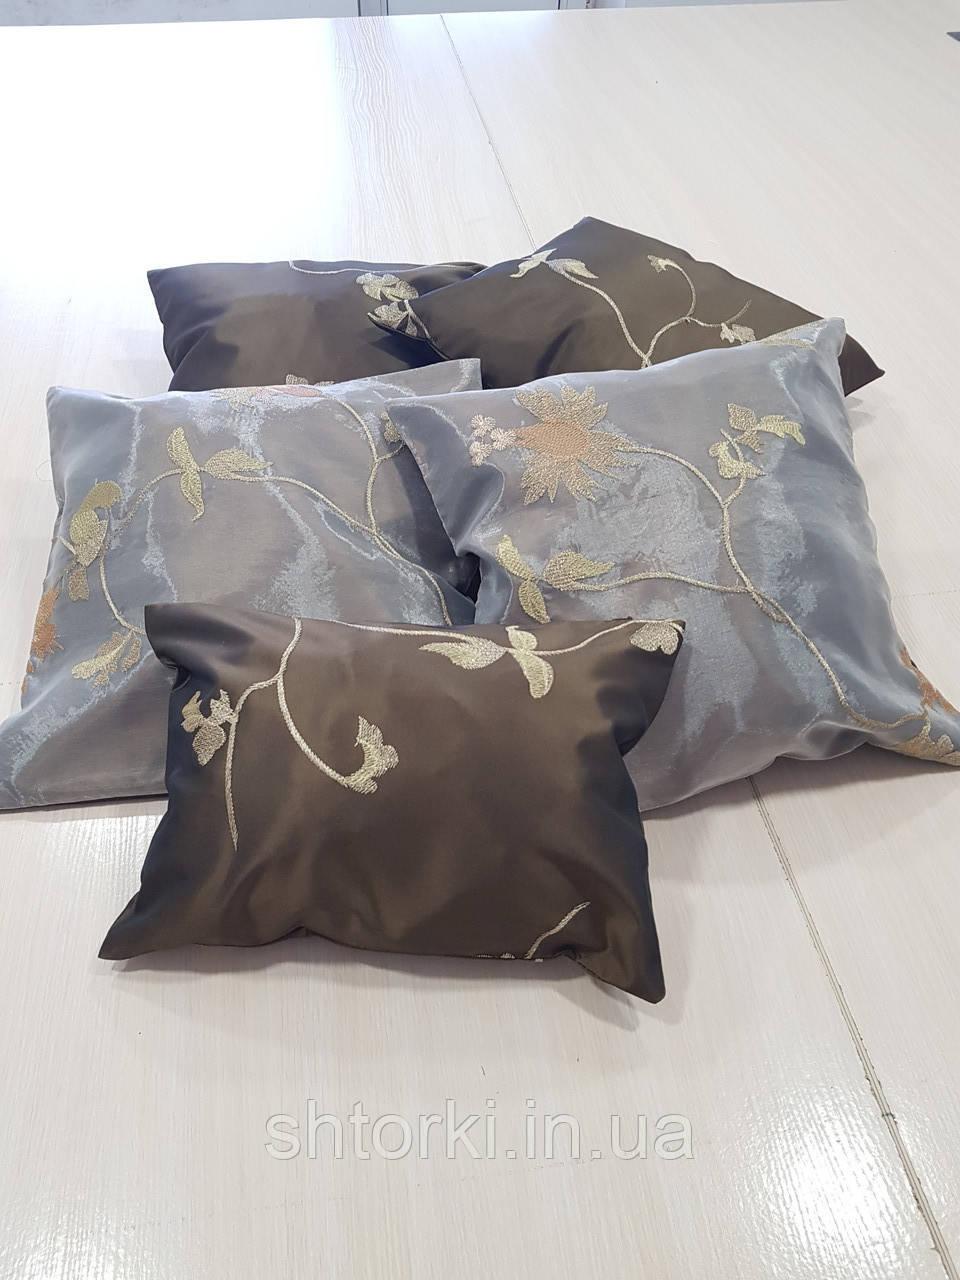 Комплект подушек Веточка шоколад, 5шт